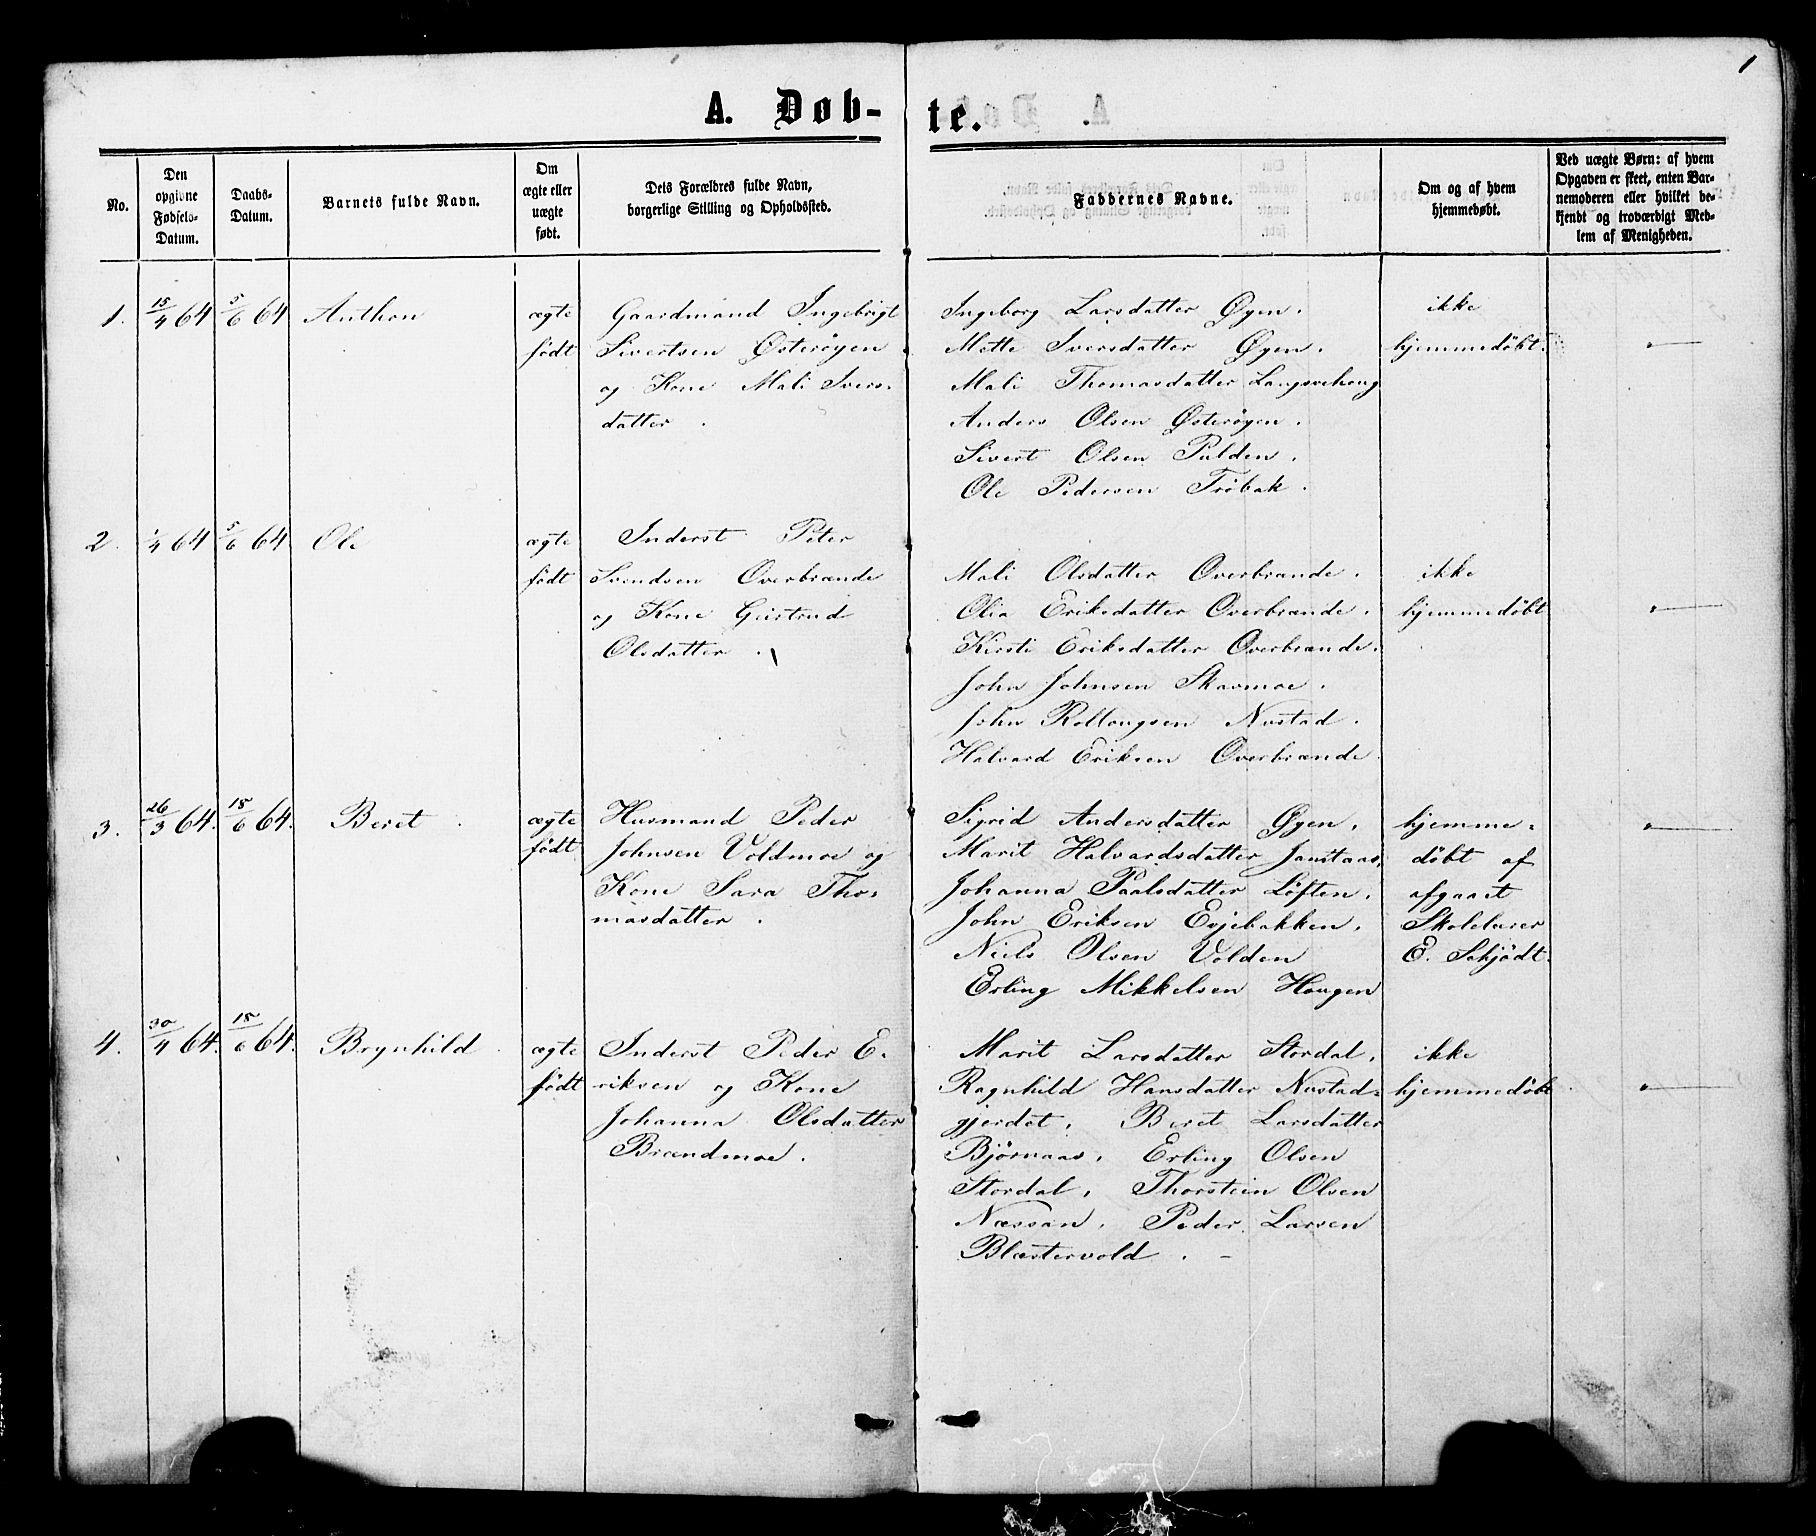 SAT, Ministerialprotokoller, klokkerbøker og fødselsregistre - Nord-Trøndelag, 706/L0049: Parish register (copy) no. 706C01, 1864-1895, p. 1